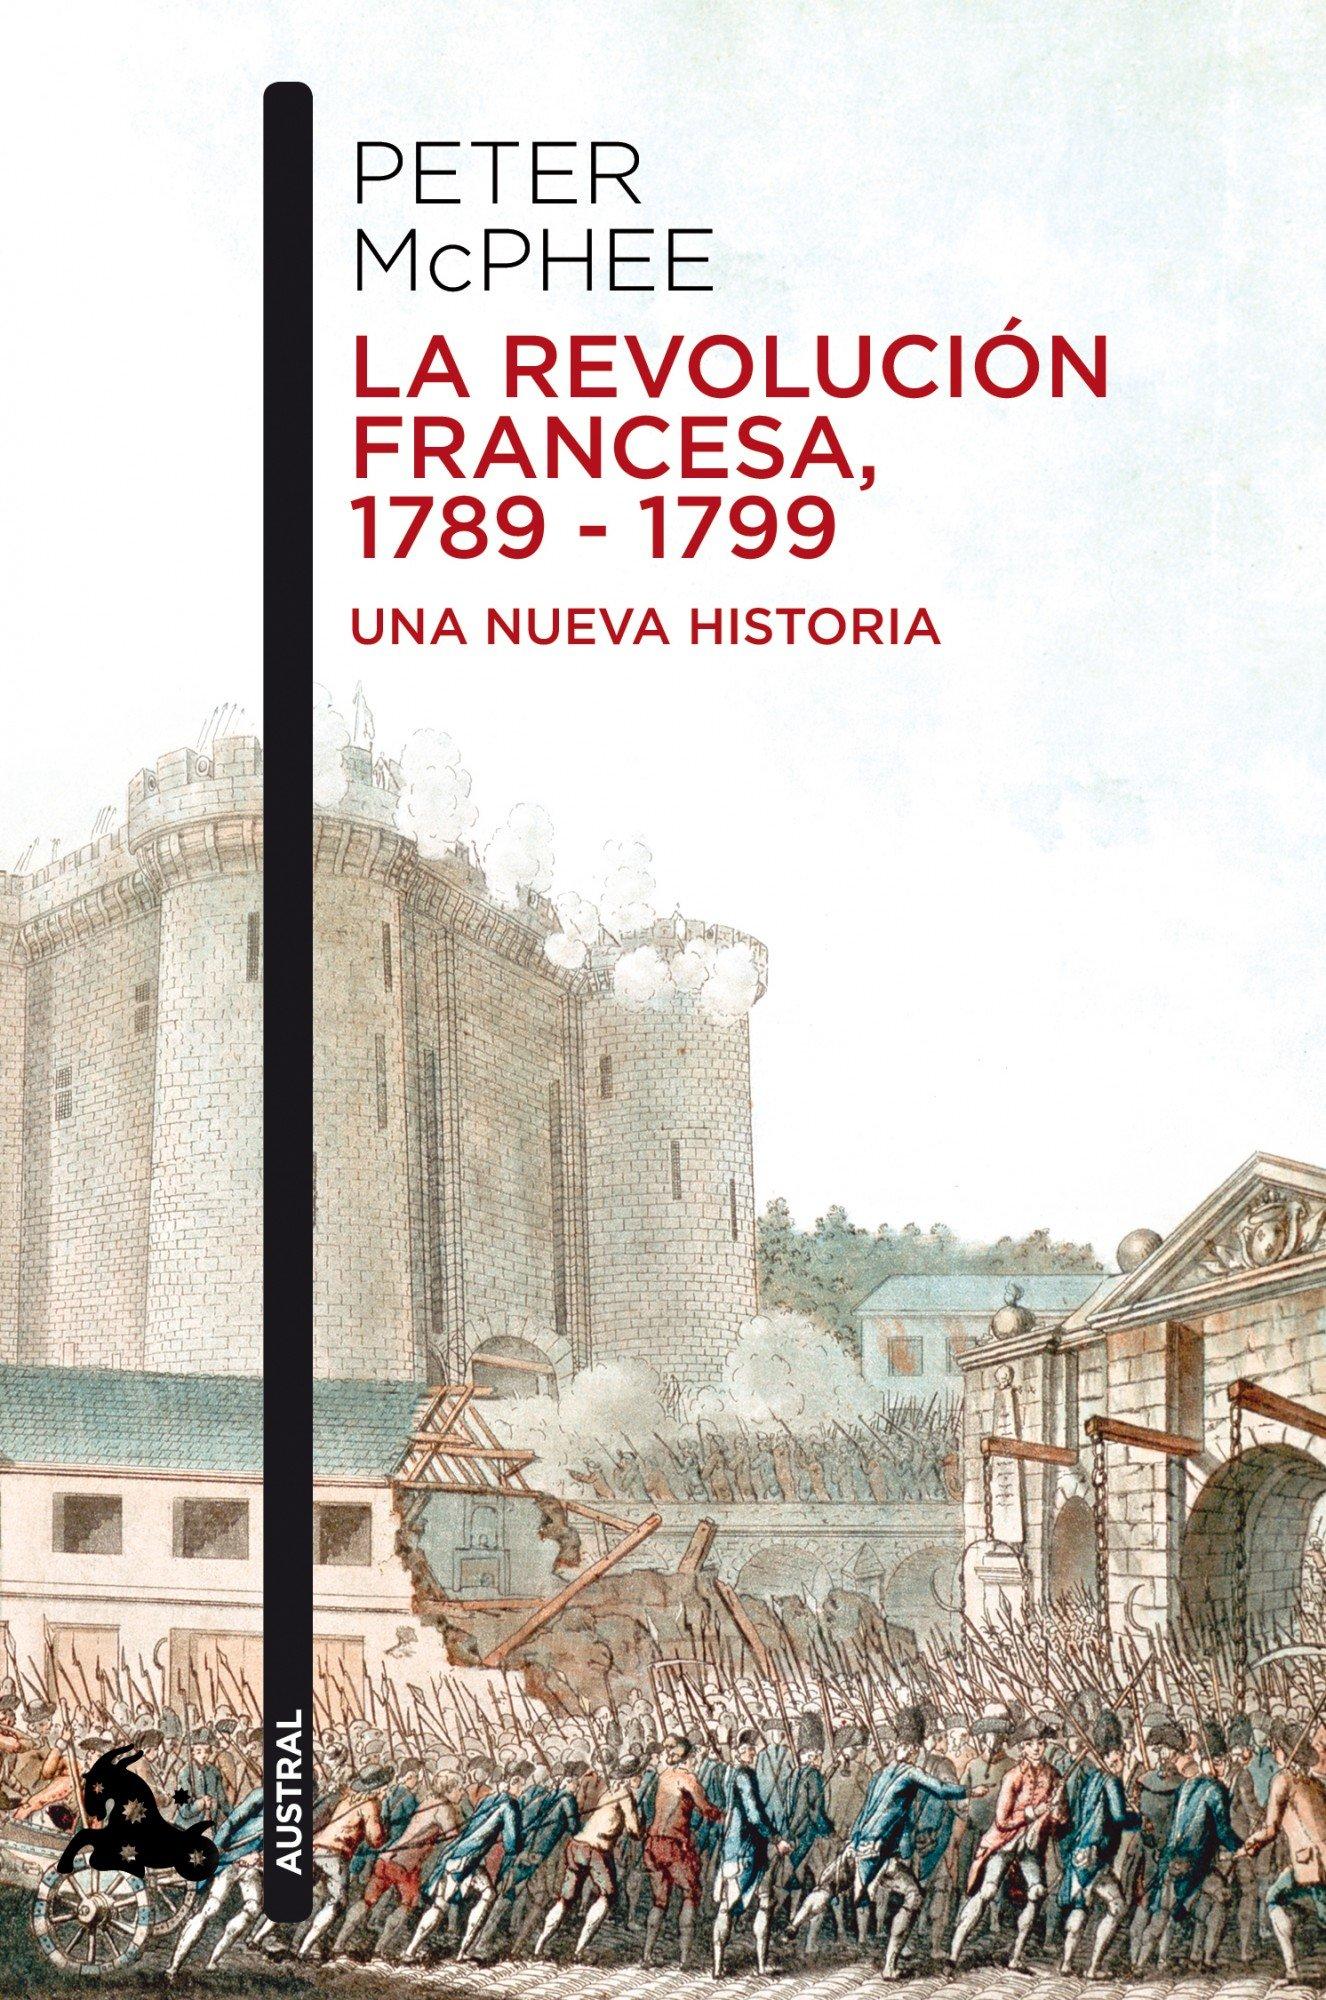 La Revolución Francesa, 1789-1799: Una nueva historia Contemporánea: Amazon.es: Macphee, Peter, Furió, Silvia: Libros